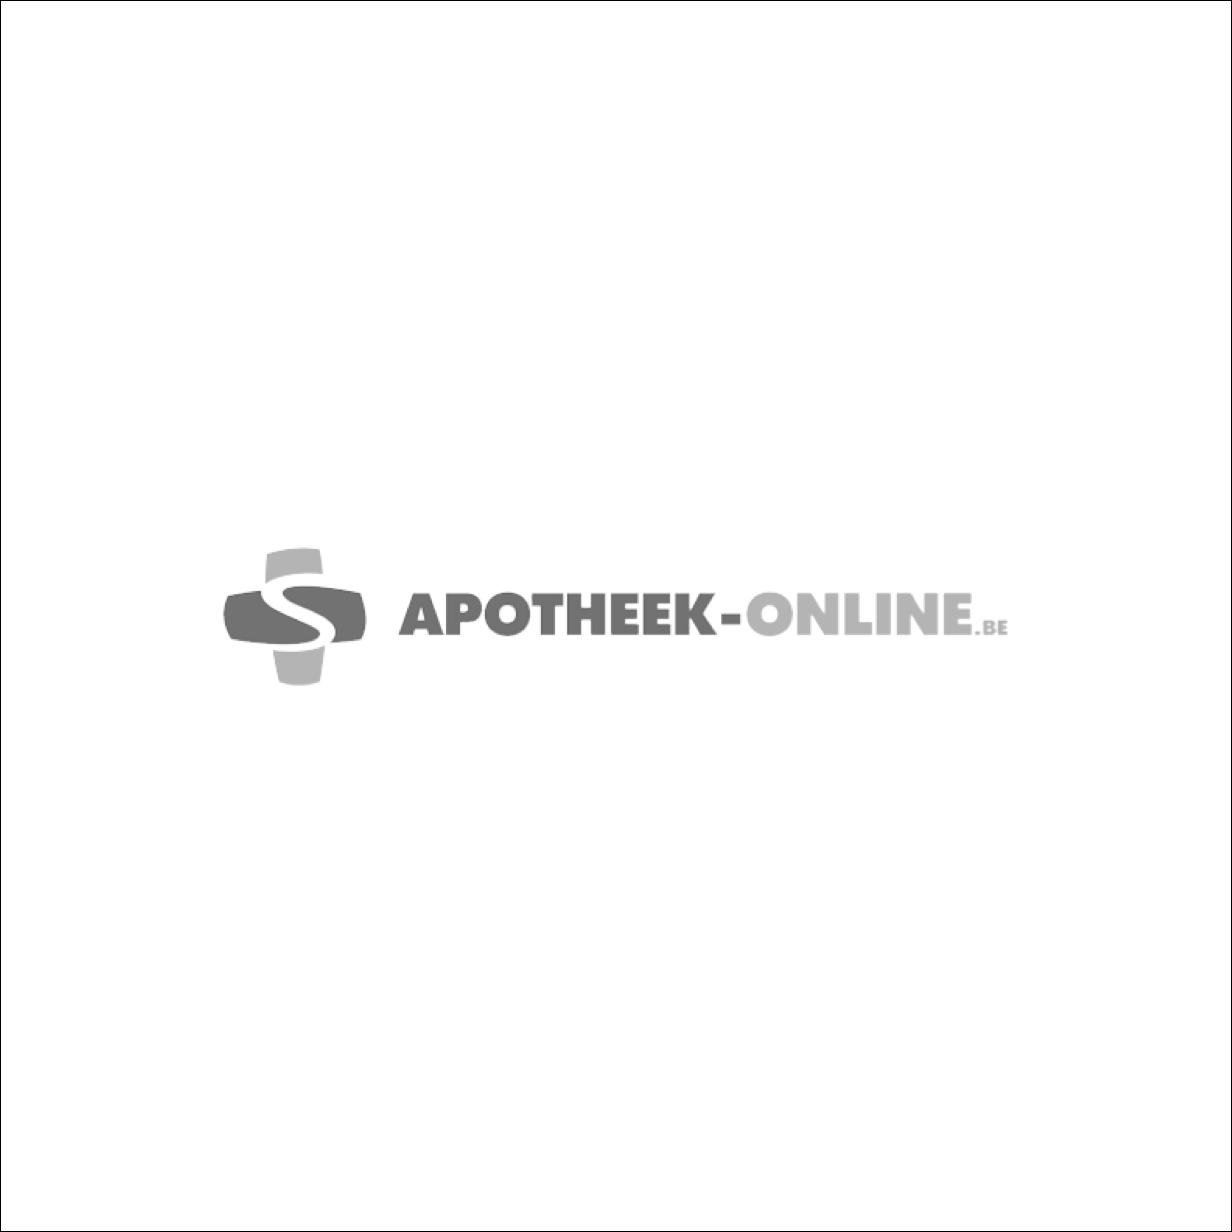 Bota Handpolsband 201 White Universeel S